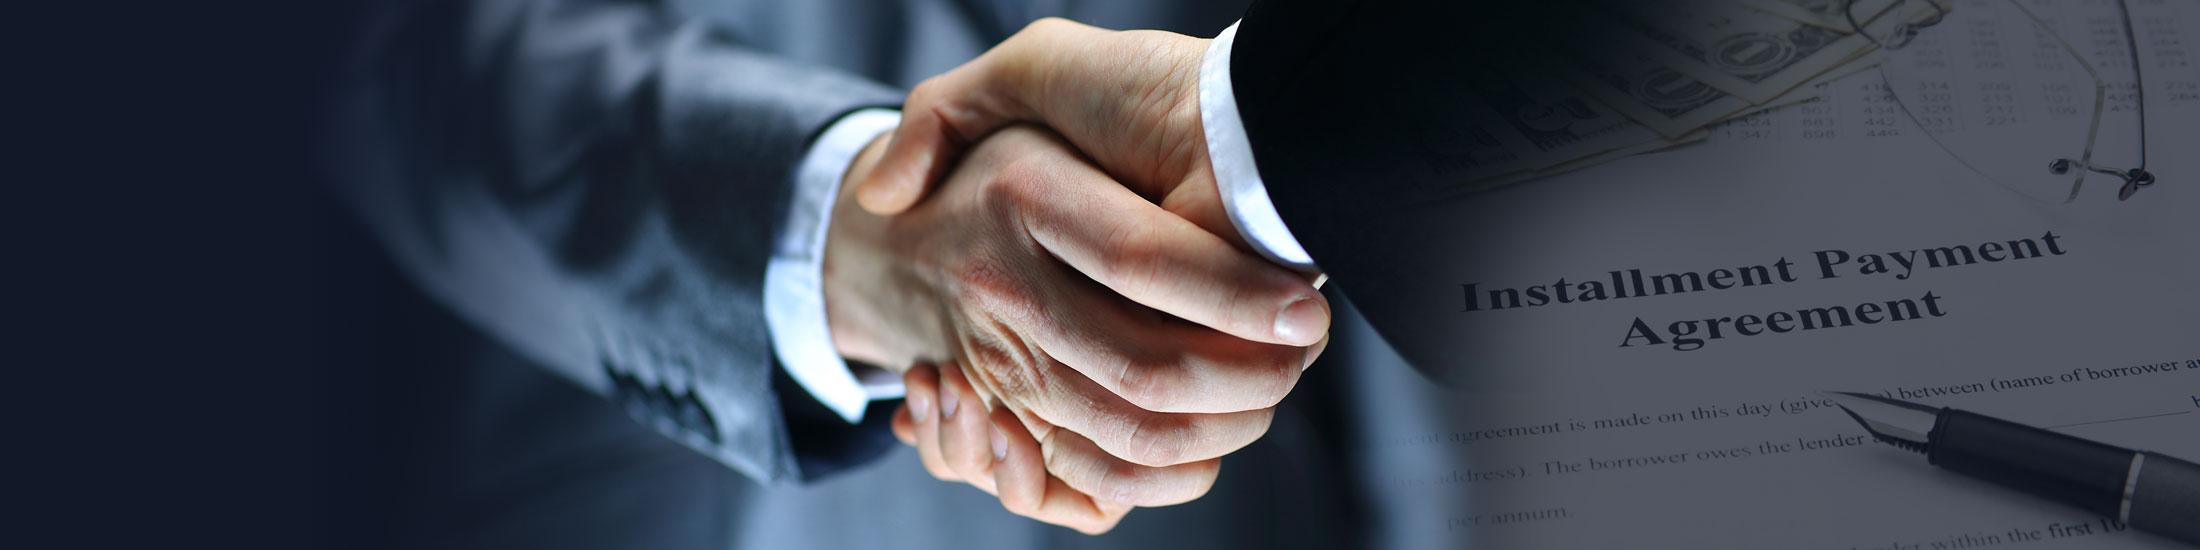 Macy's, Klarna Partner on Installment Payment Option